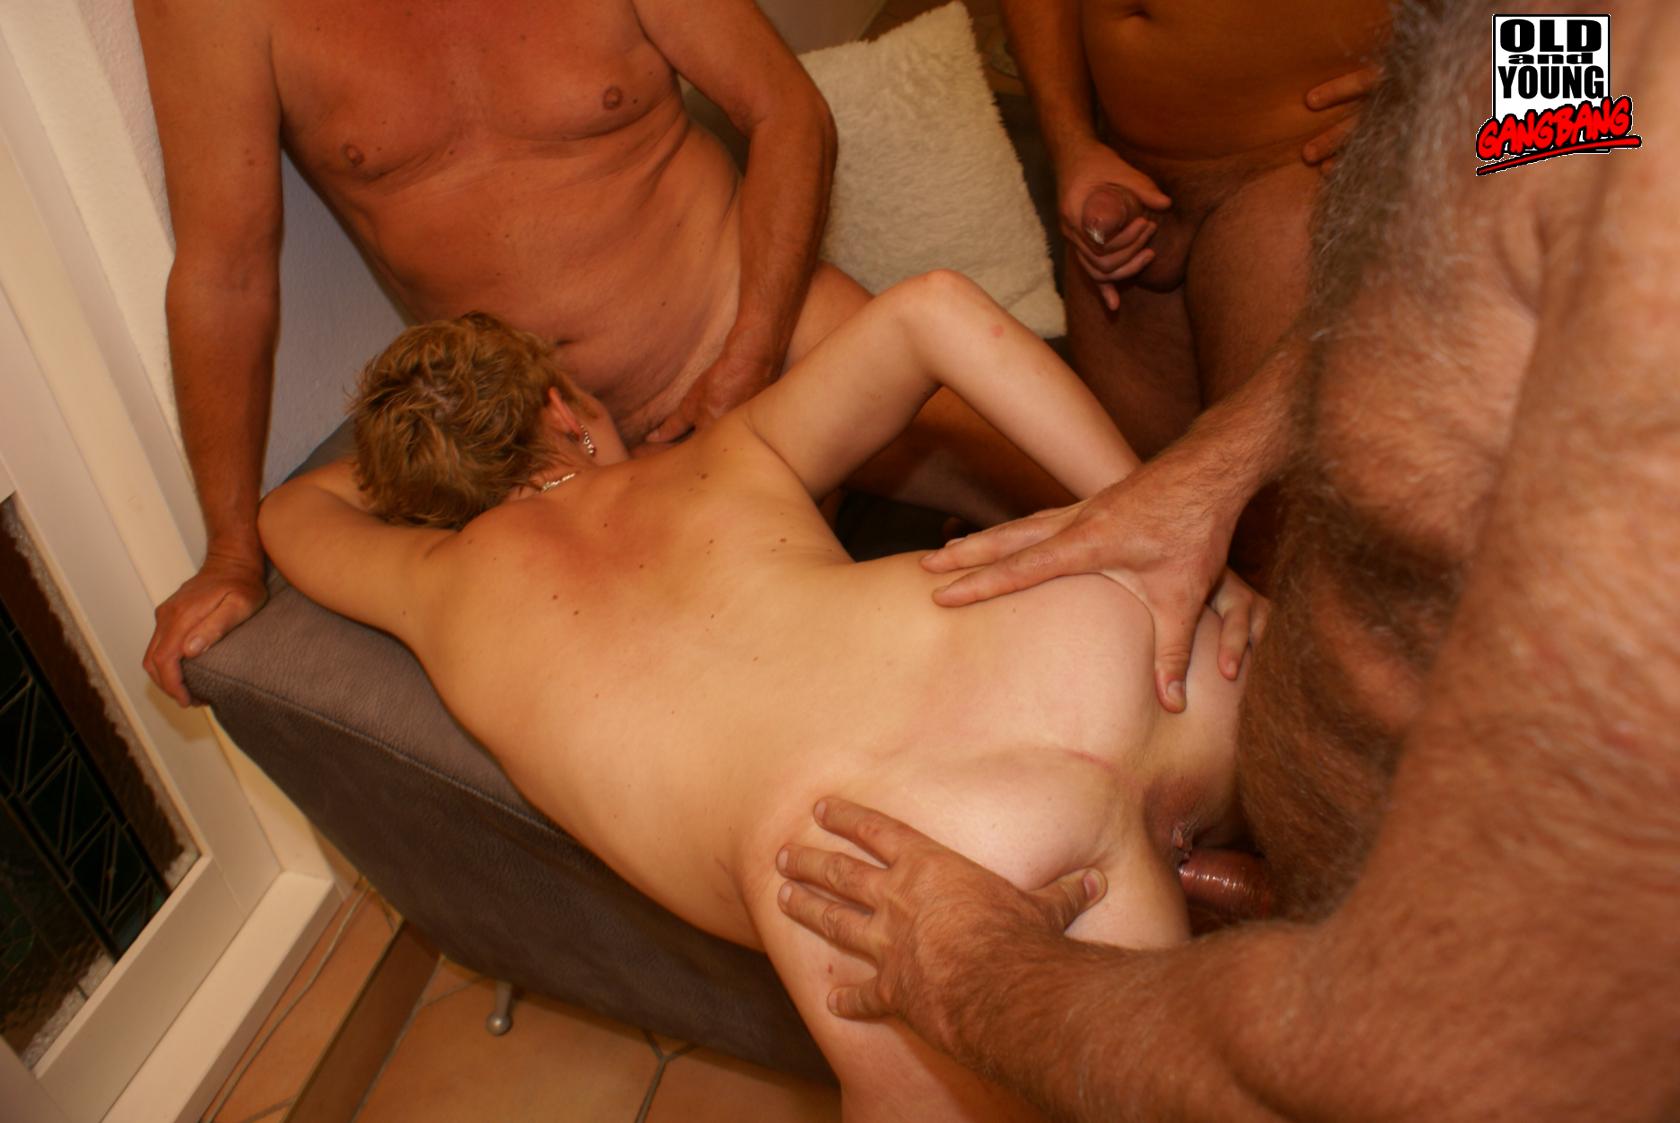 Best amateur sex